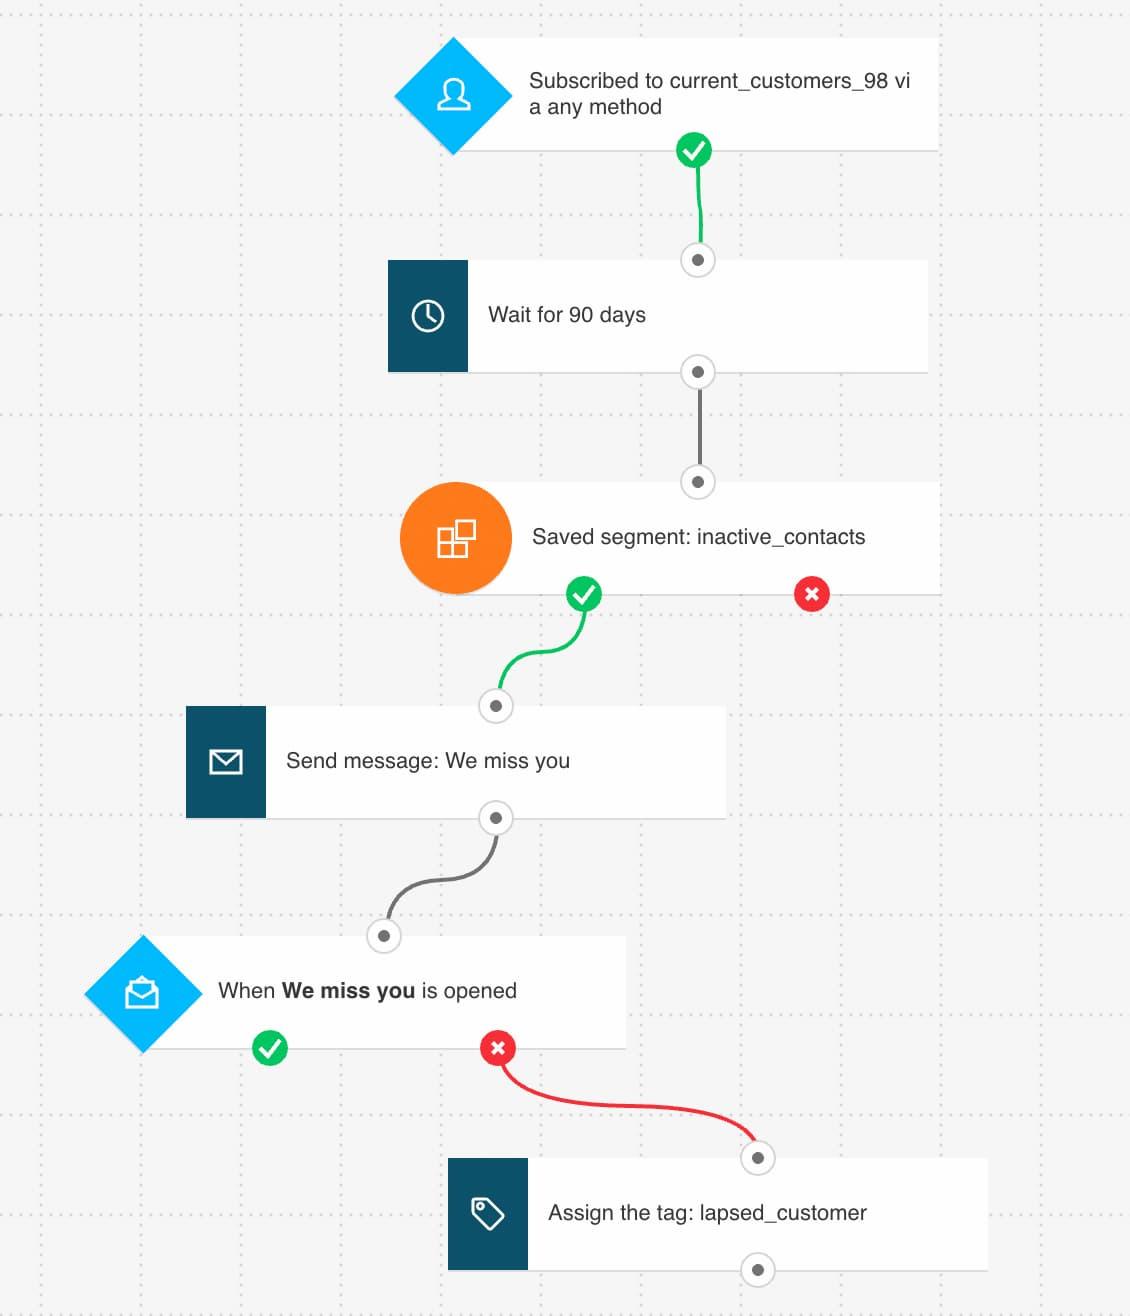 сценарий автоматизации кампания реактивации GetResponse